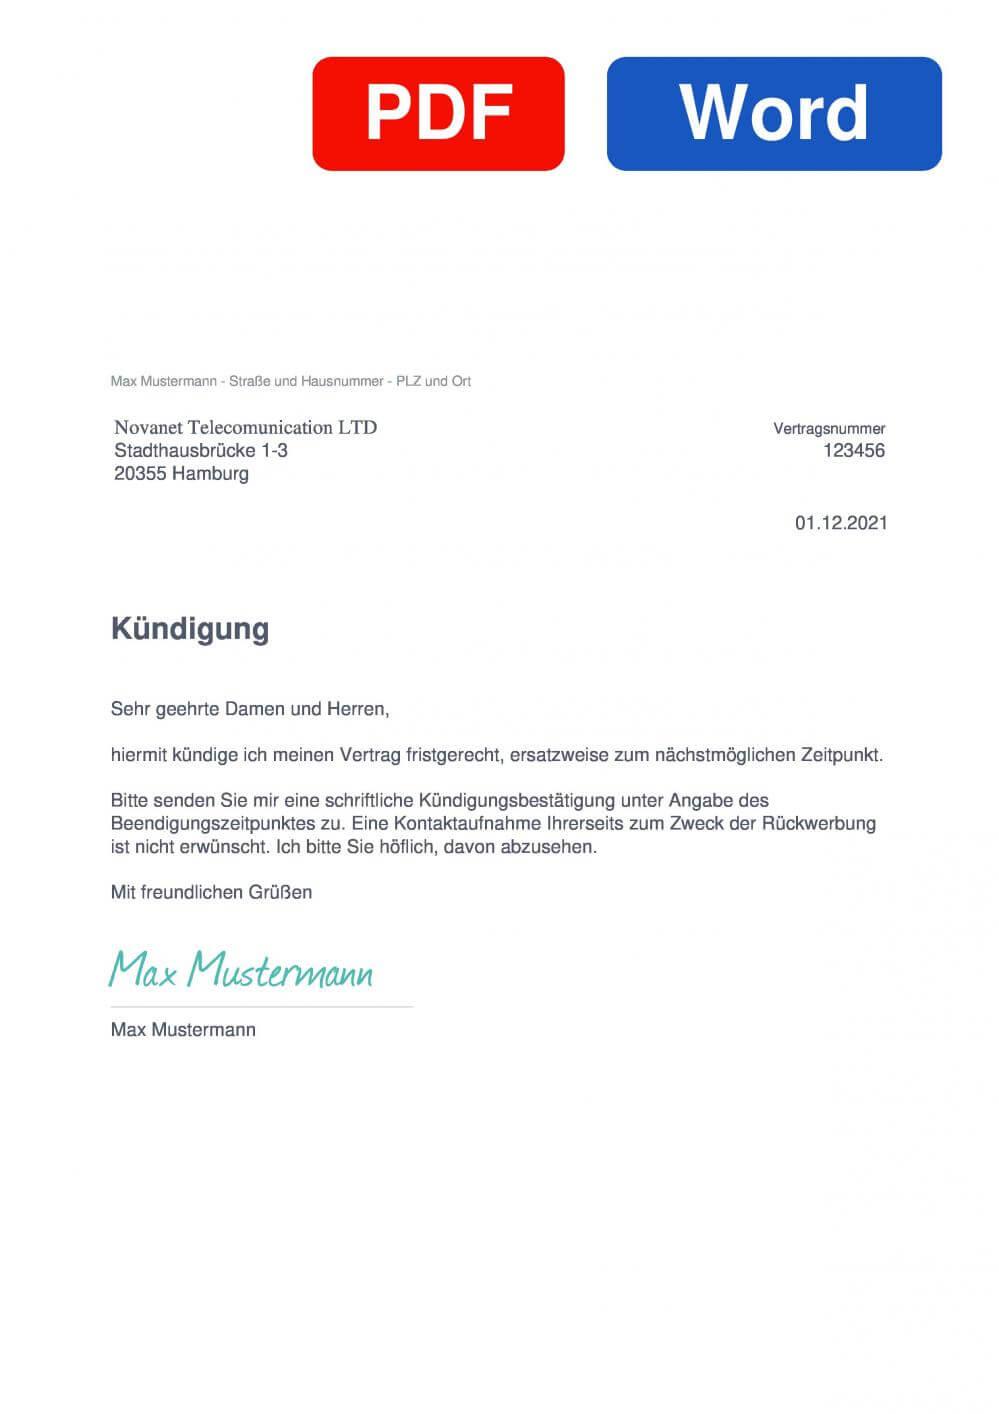 Europäische Premium Gemeinschaft Muster Vorlage für Kündigungsschreiben